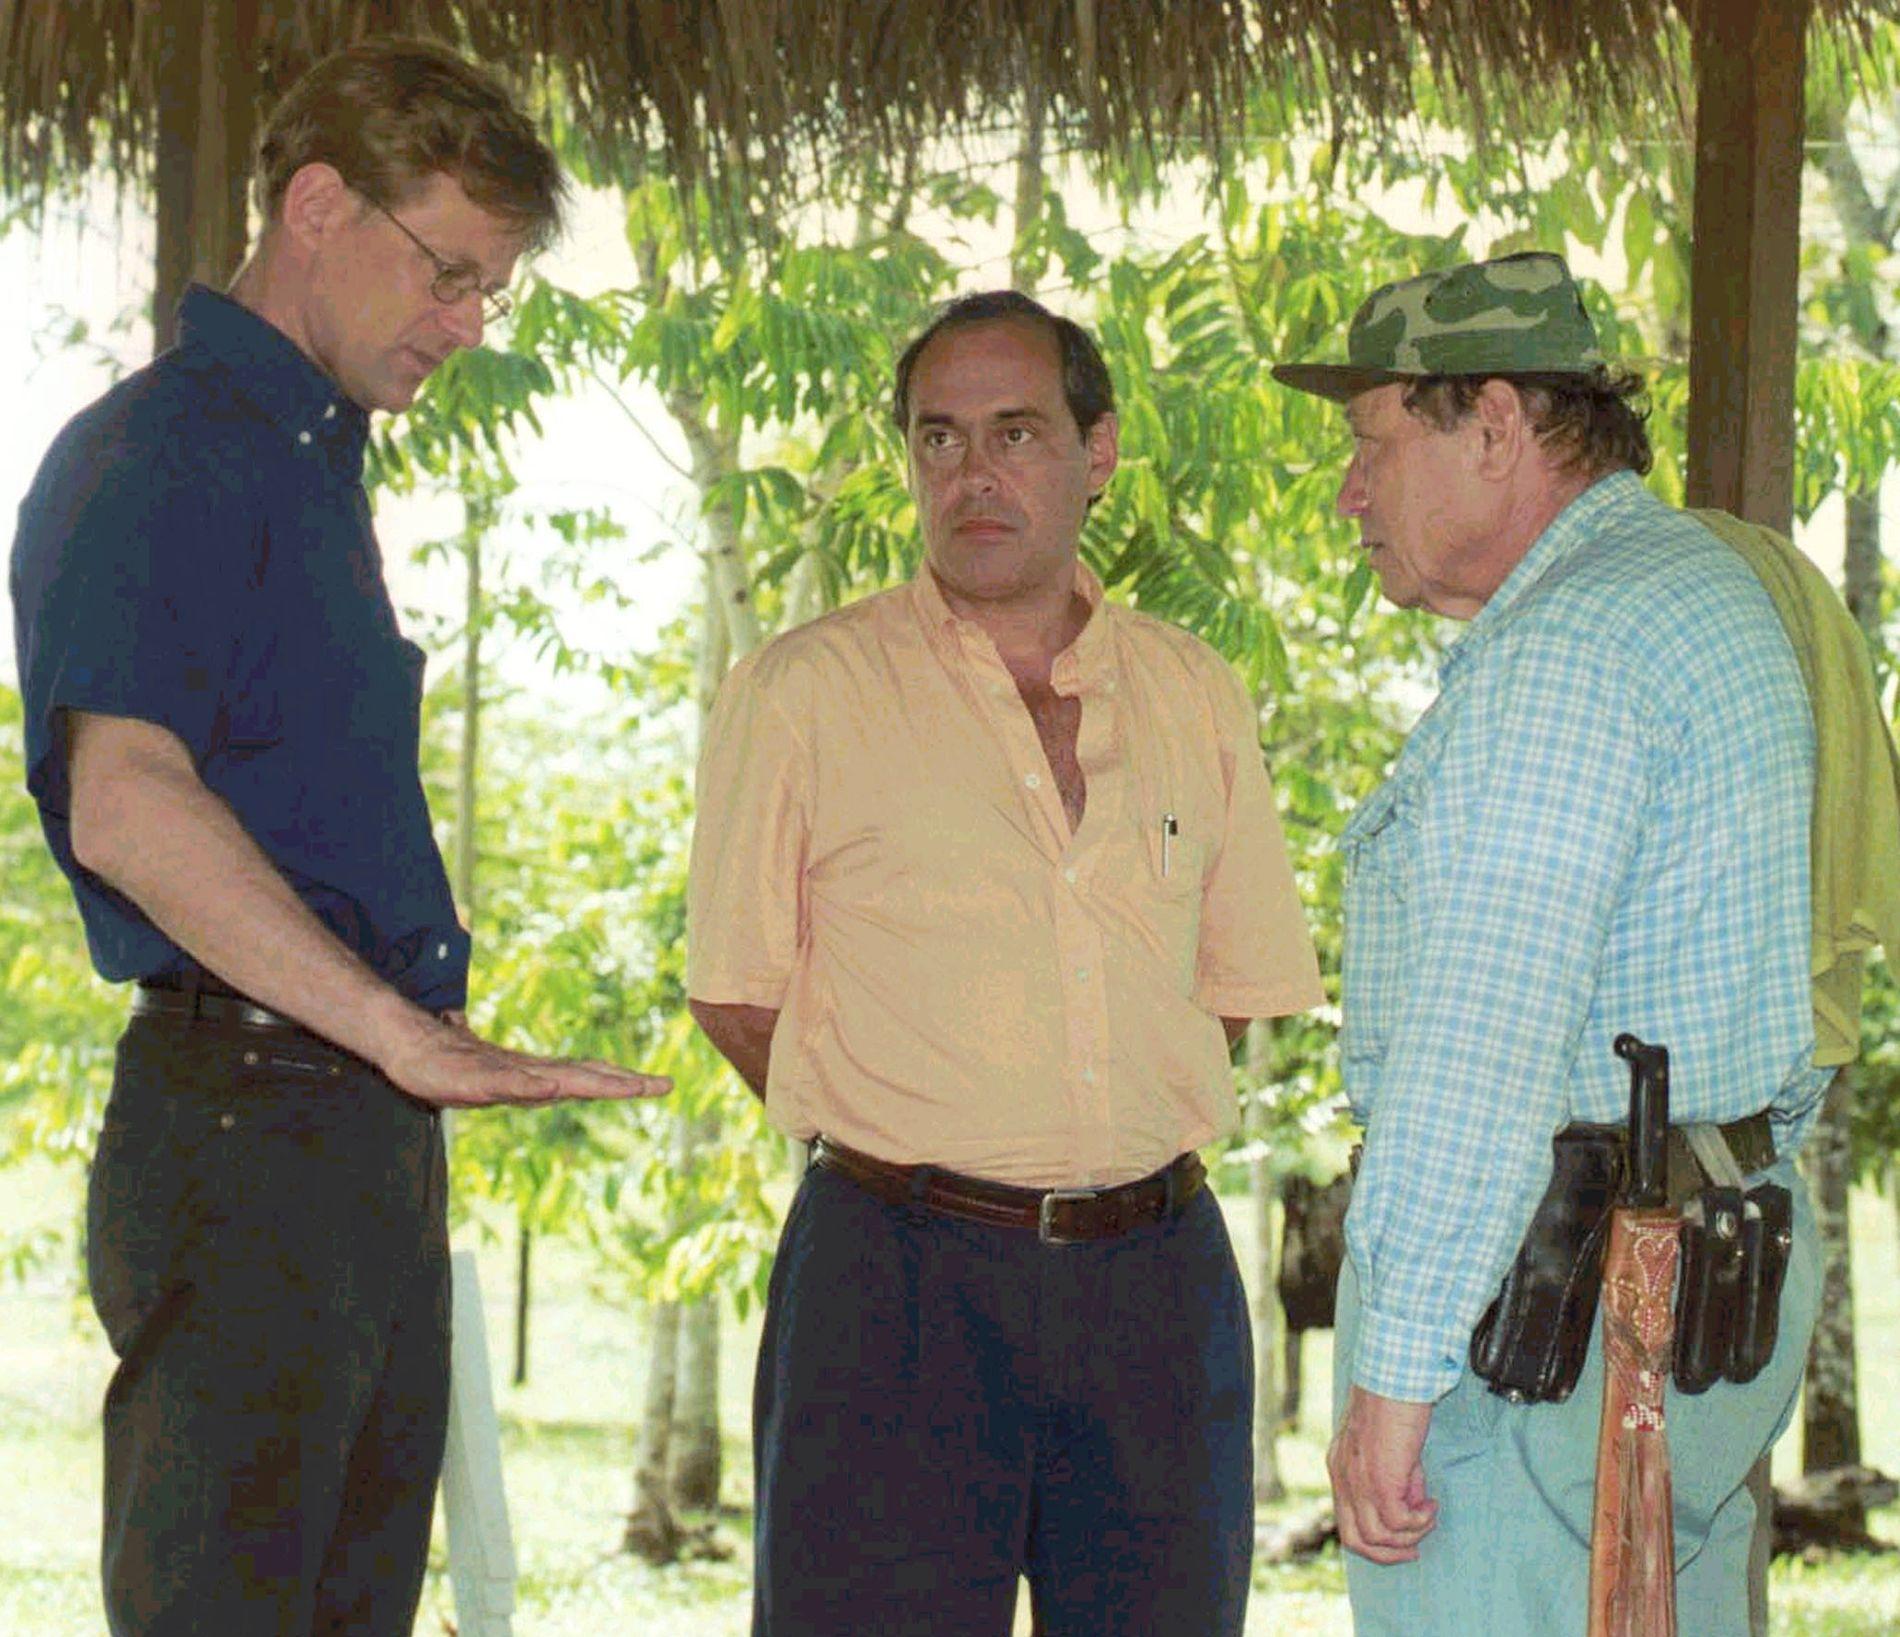 """GERILJALEDER: For 15 år siden møtte Jan Egeland den beryktede FARC-lederen, Manuel og Marulanda (t.h). - Han påsto at jeg var en av de første """"gringo""""ene han møtte, sier Egeland. Foto: REUTERS"""